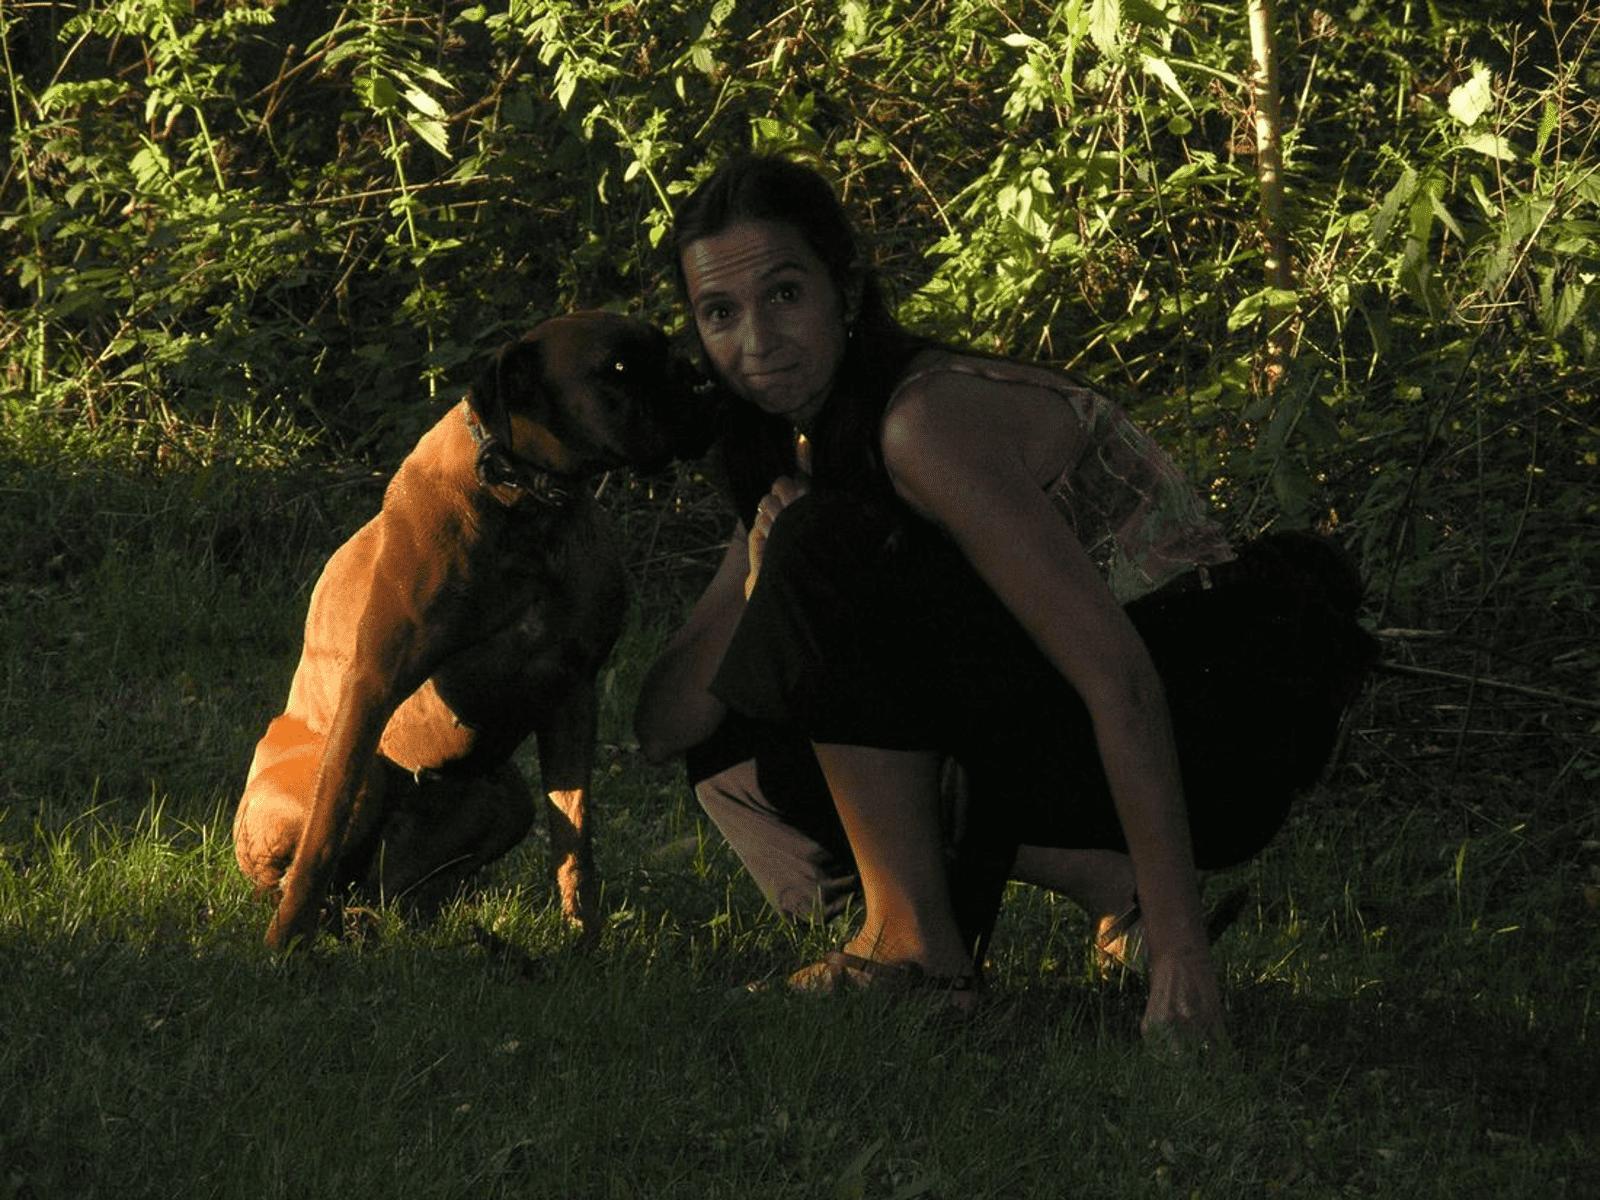 Tatiana from Pau, France